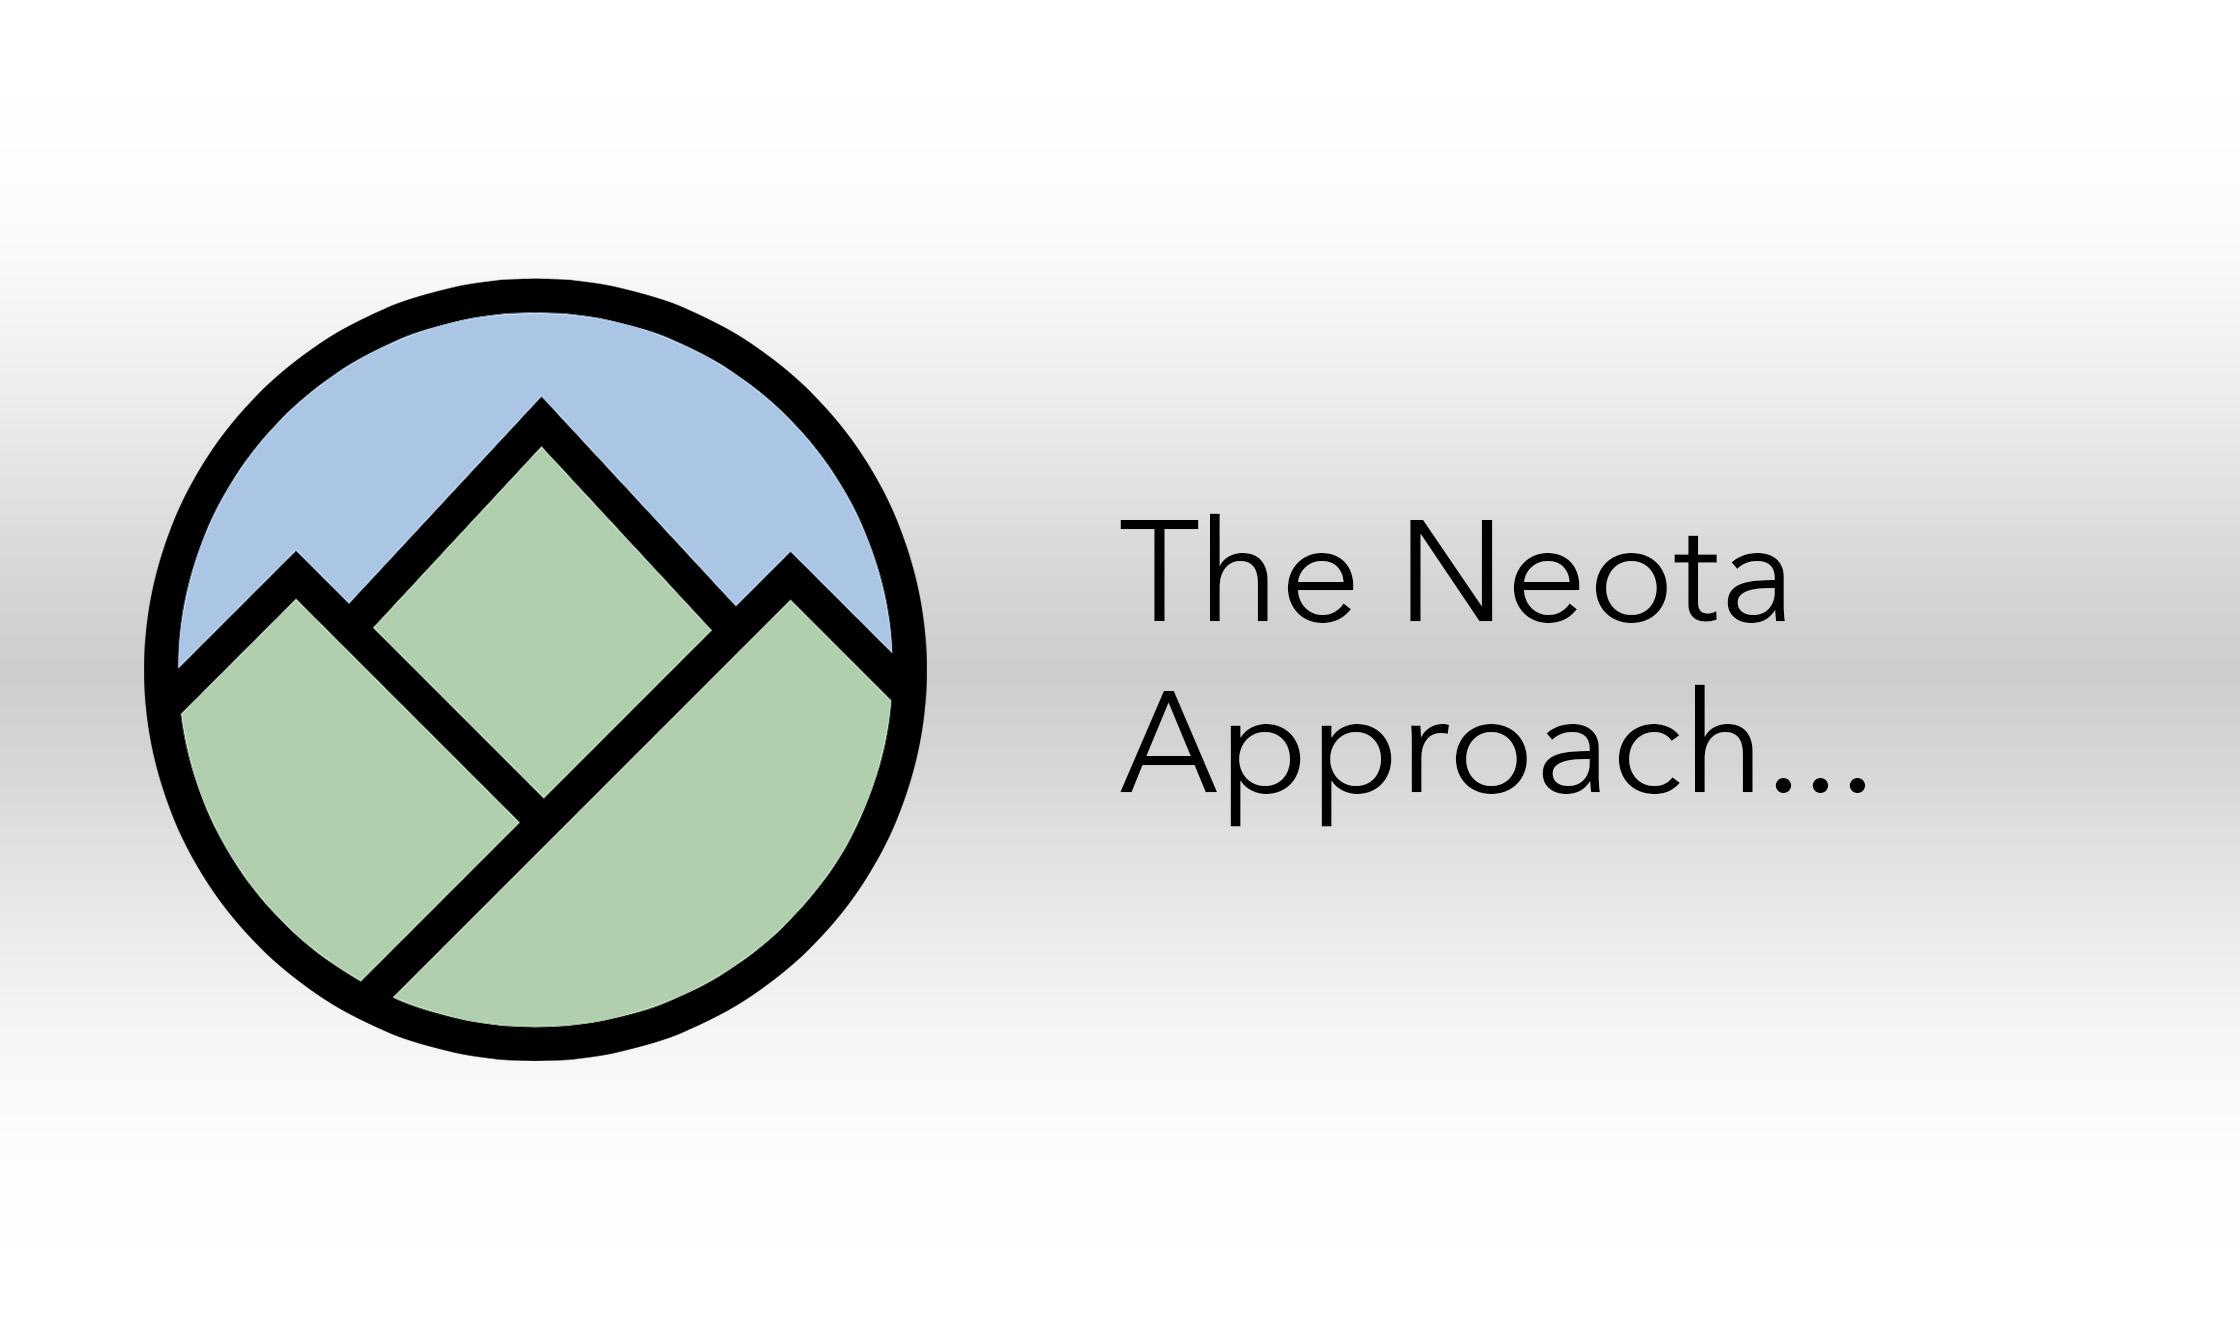 neota_approach.jpg